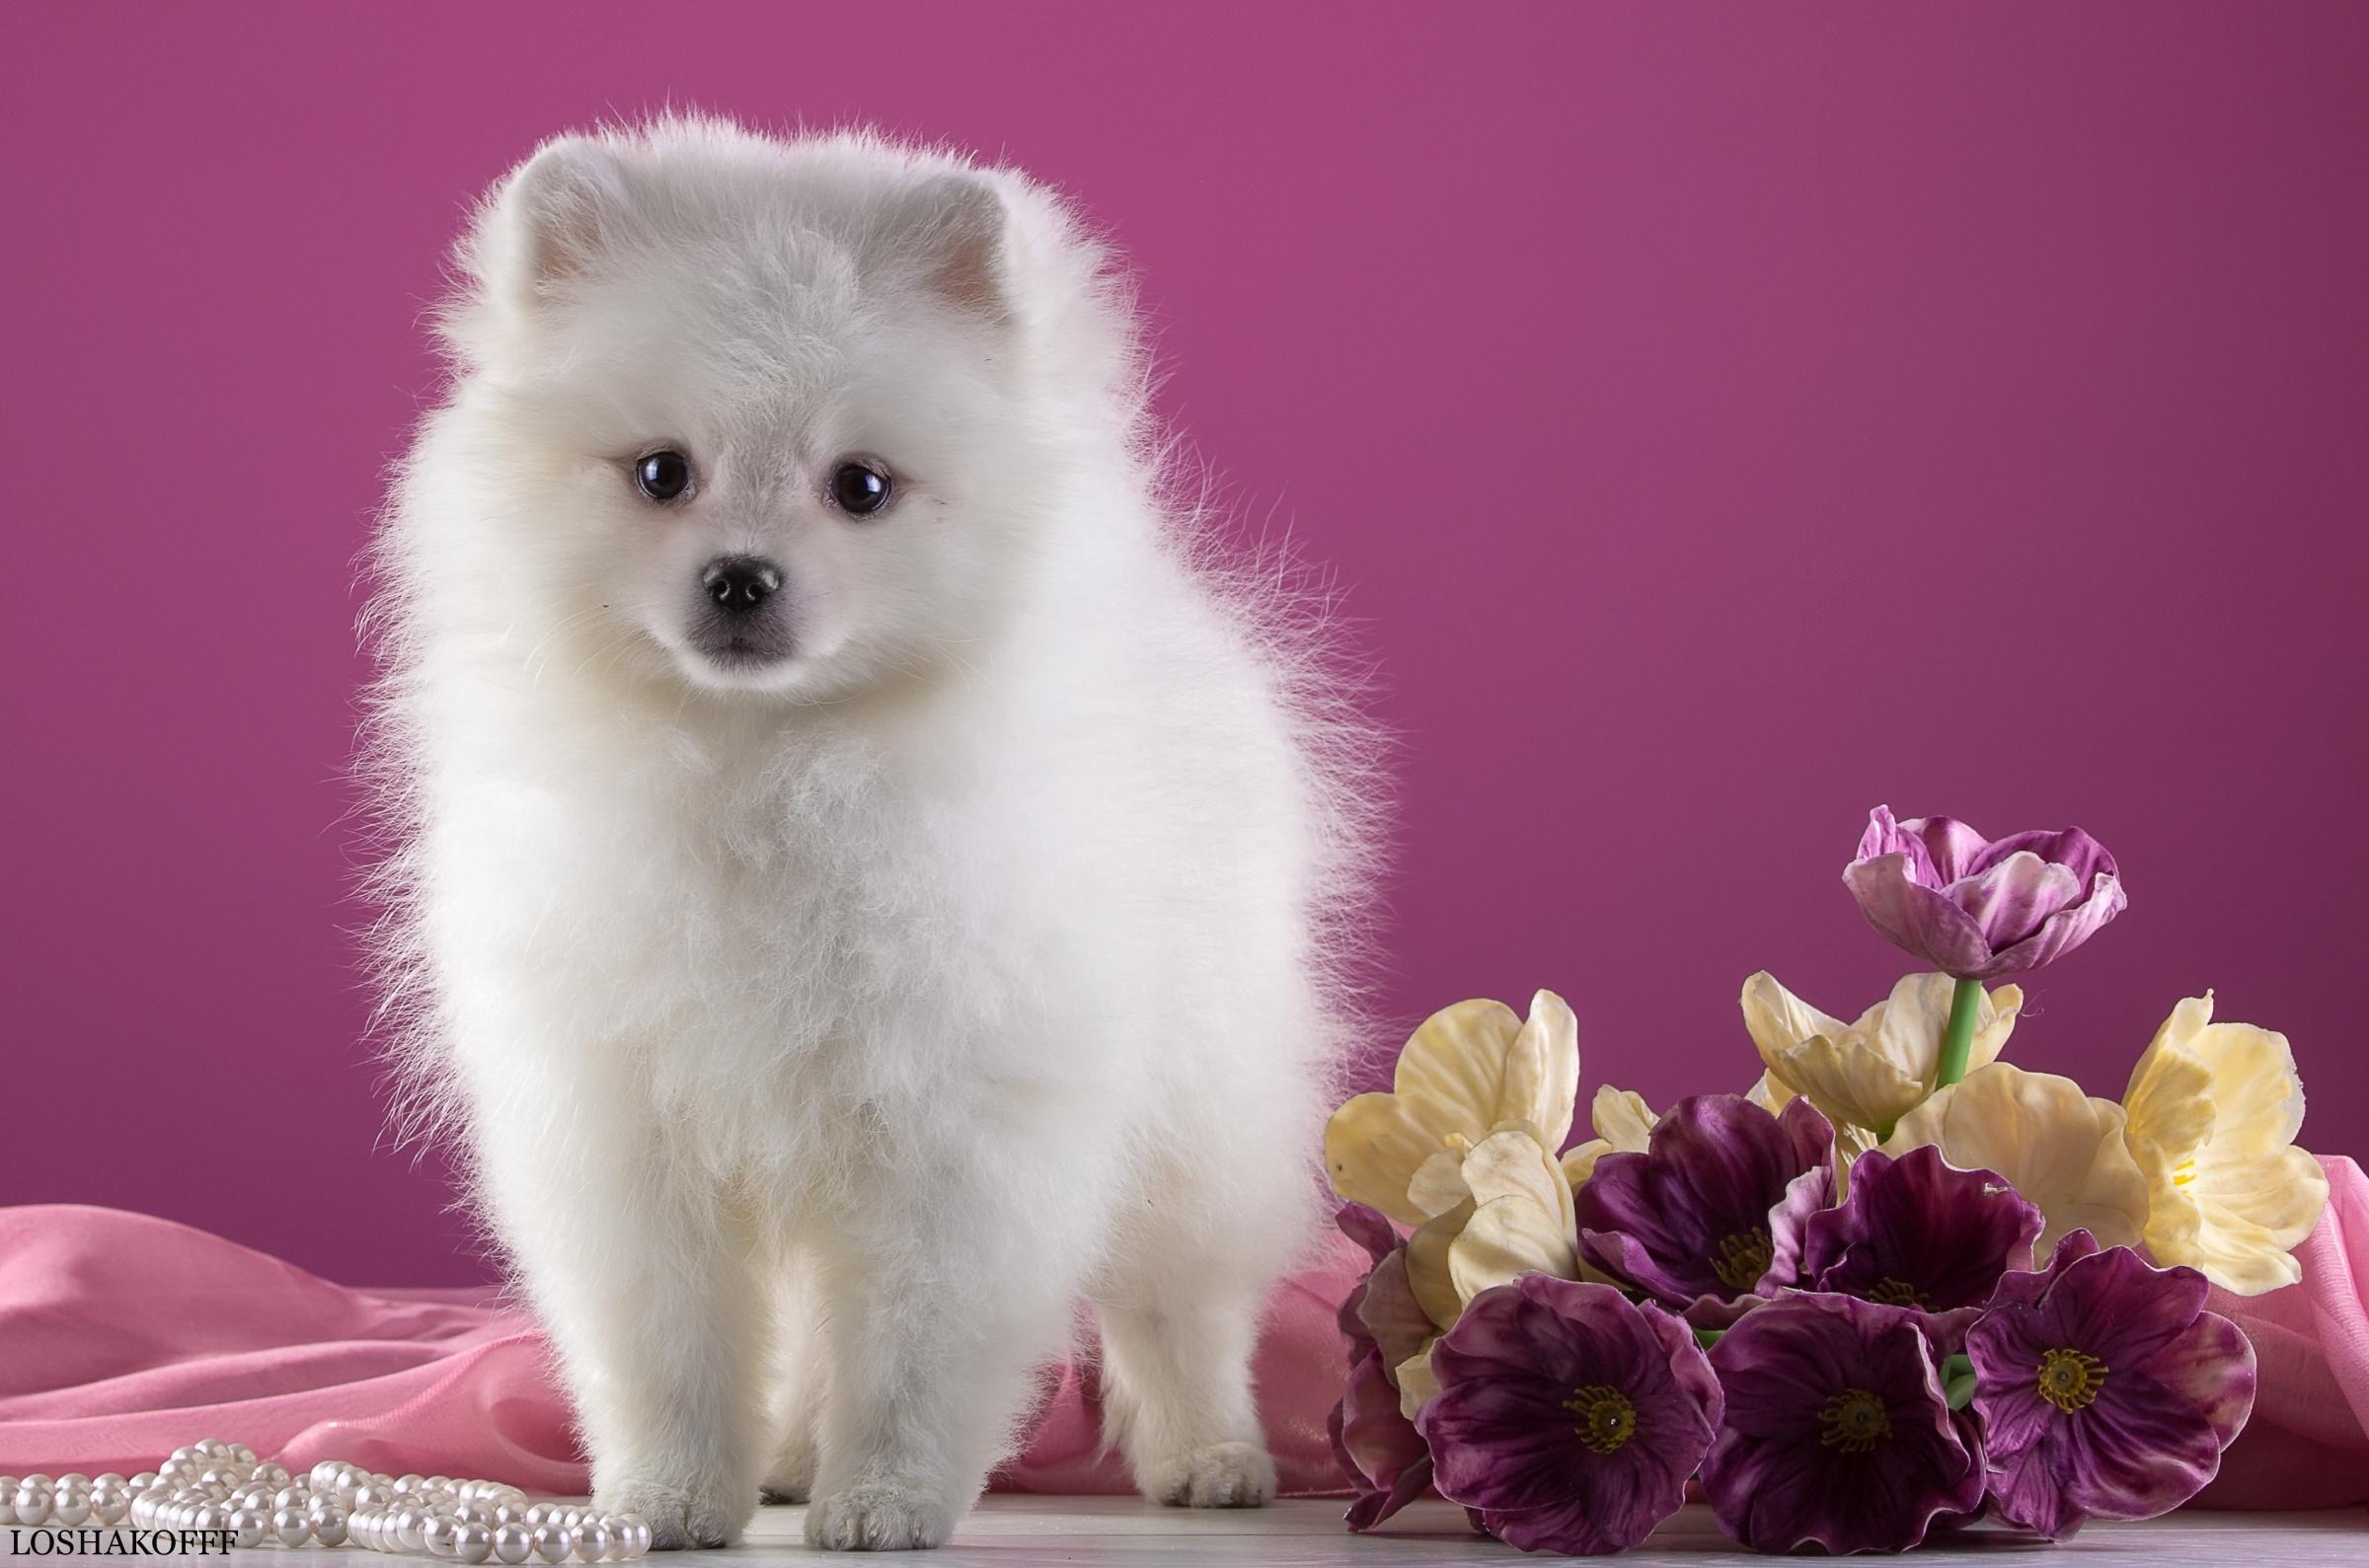 белые собаки щенки животные розовый фон  № 2918049 бесплатно